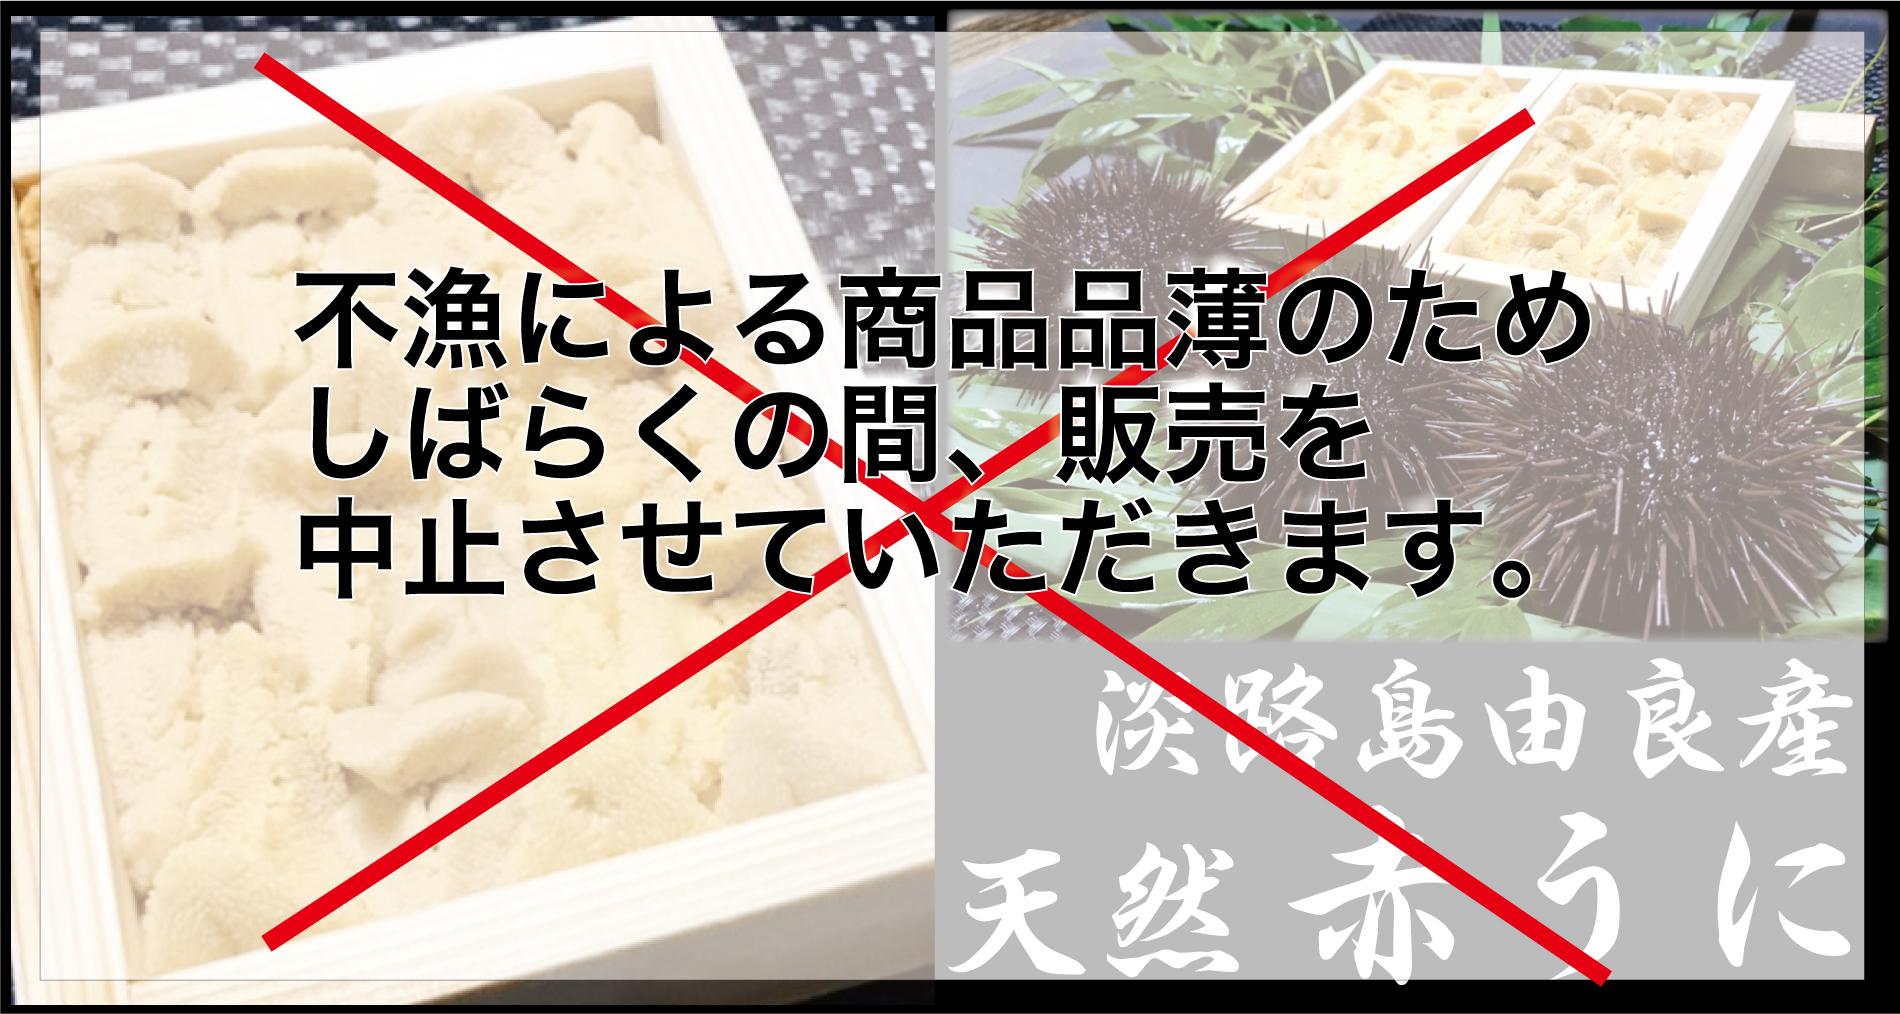 ウニ 通販 兵庫県淡路島 由良産の天然 赤 うに。おすすめ です